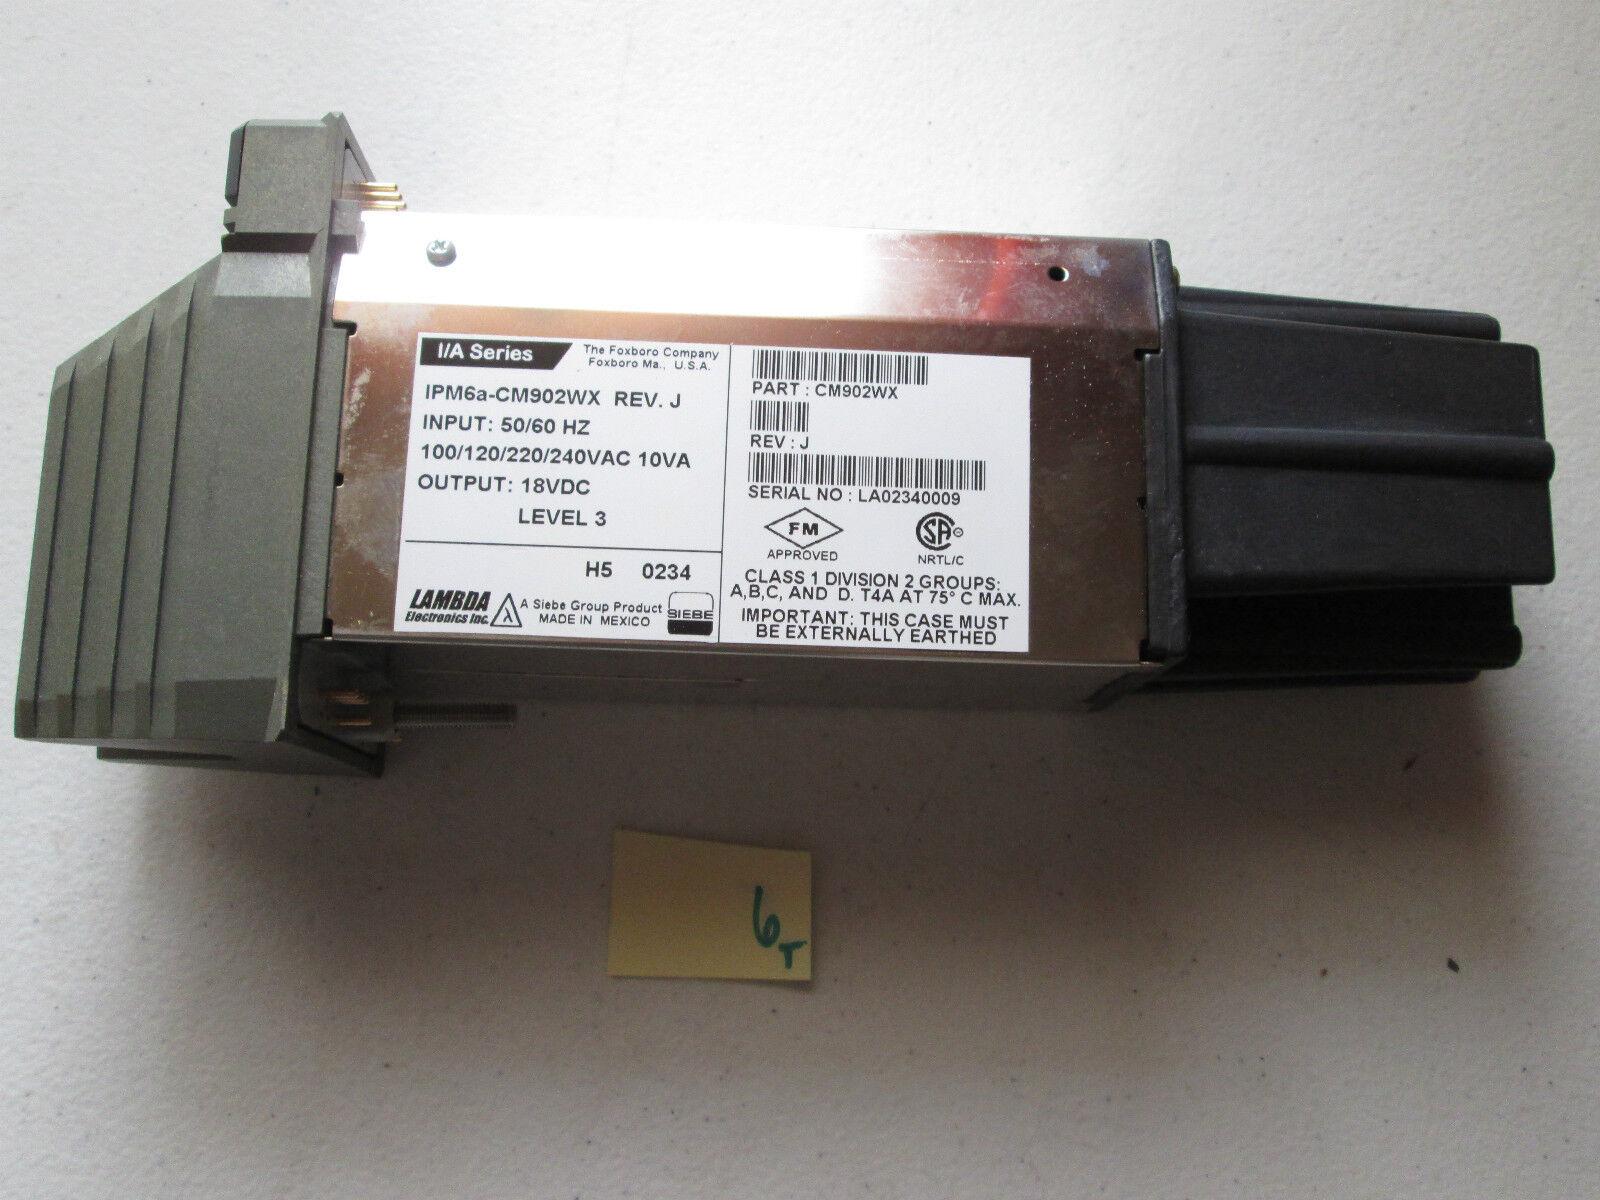 FRESH TAKEOUT FOXBgold I A SERIES IPM6A-CM902WX REV J CM902WX POWER MODULE  (312)